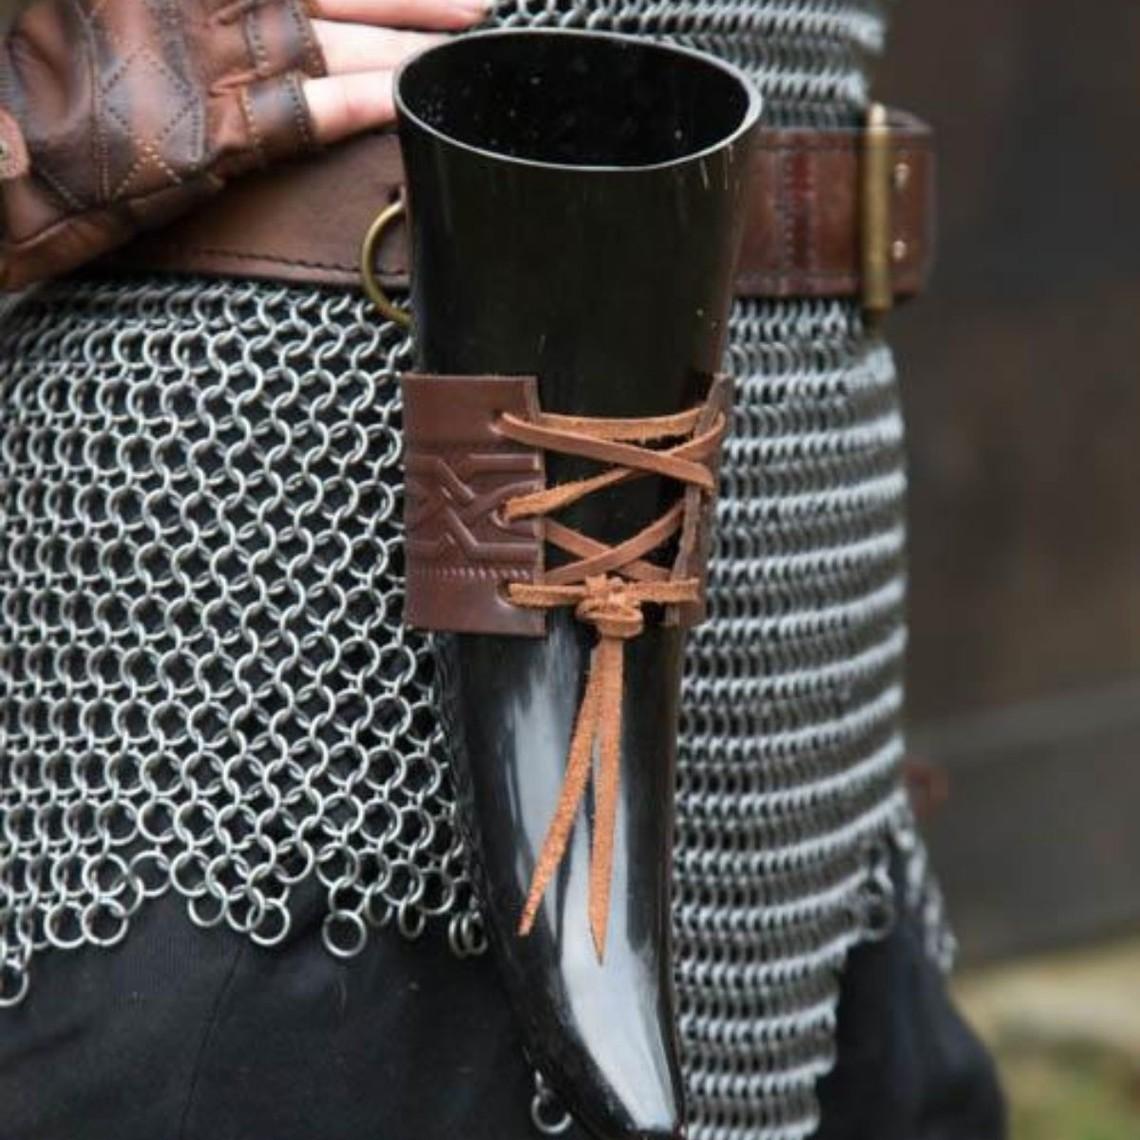 Epic Armoury De cuero titular de cuerno de bebida Edda, marrón